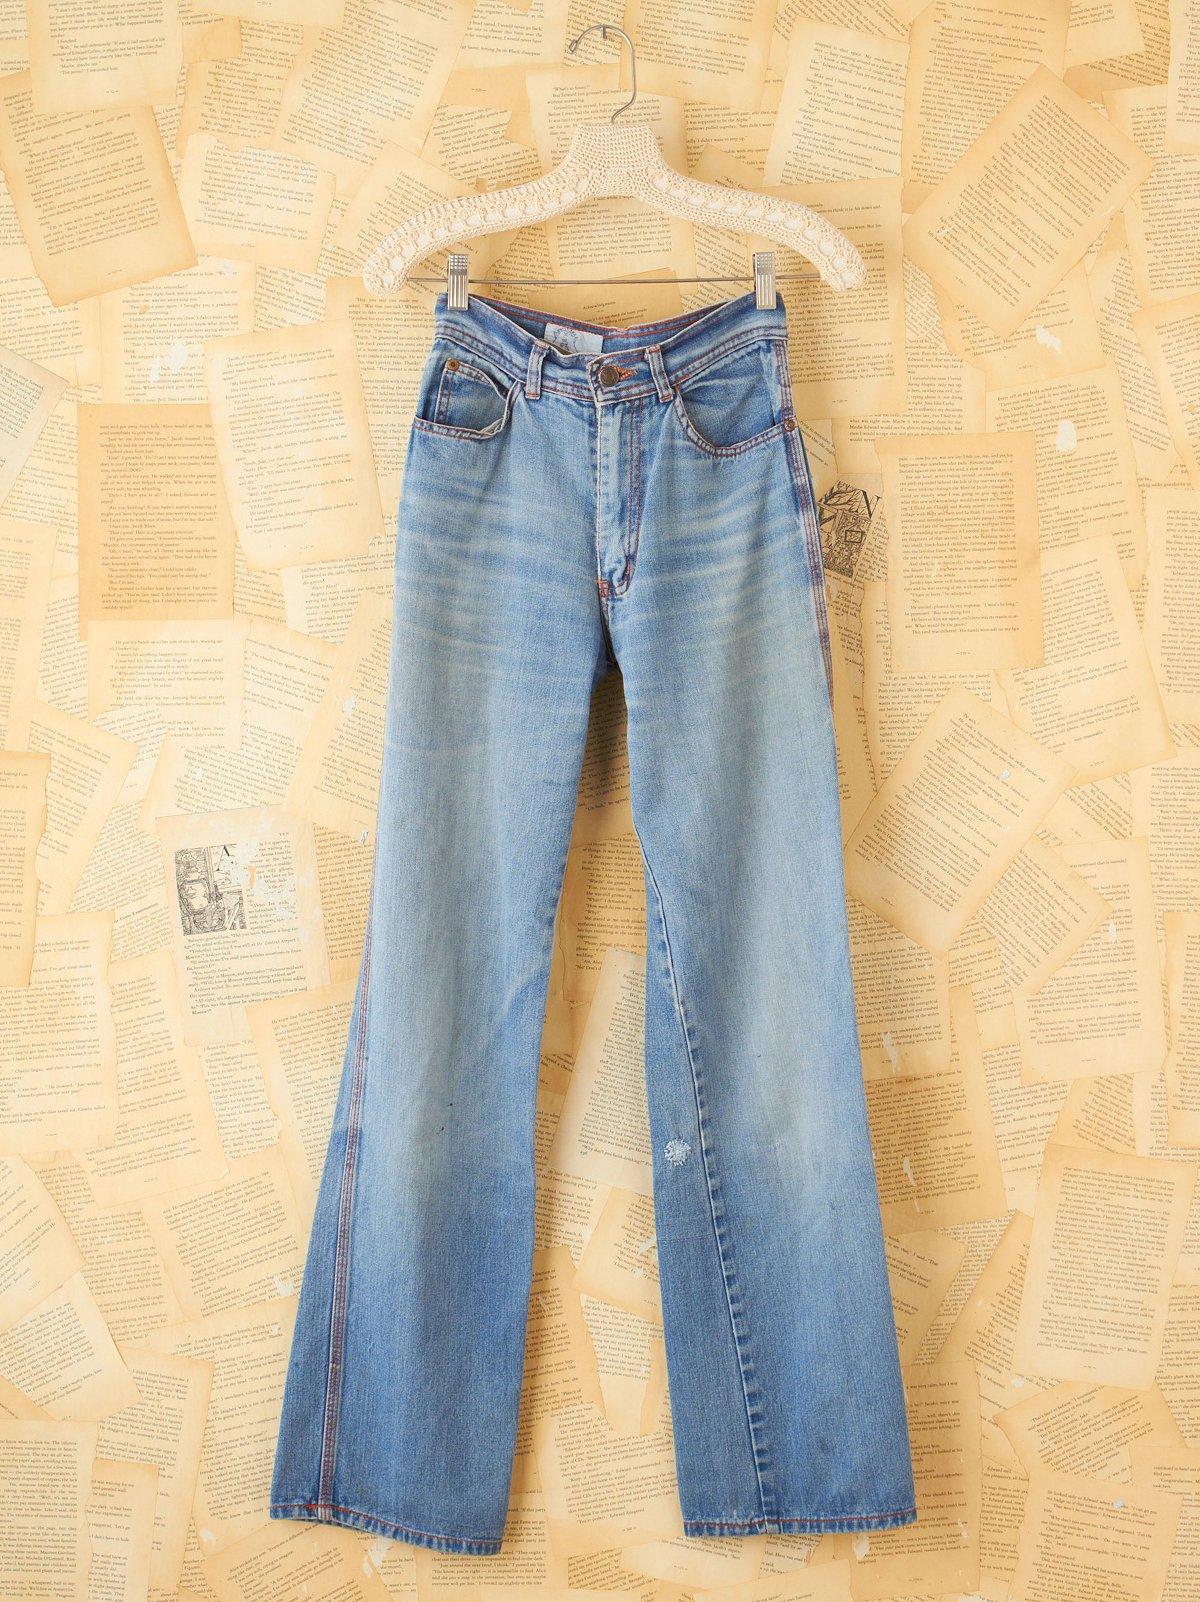 Vintage Patchwork Embellished Jeans